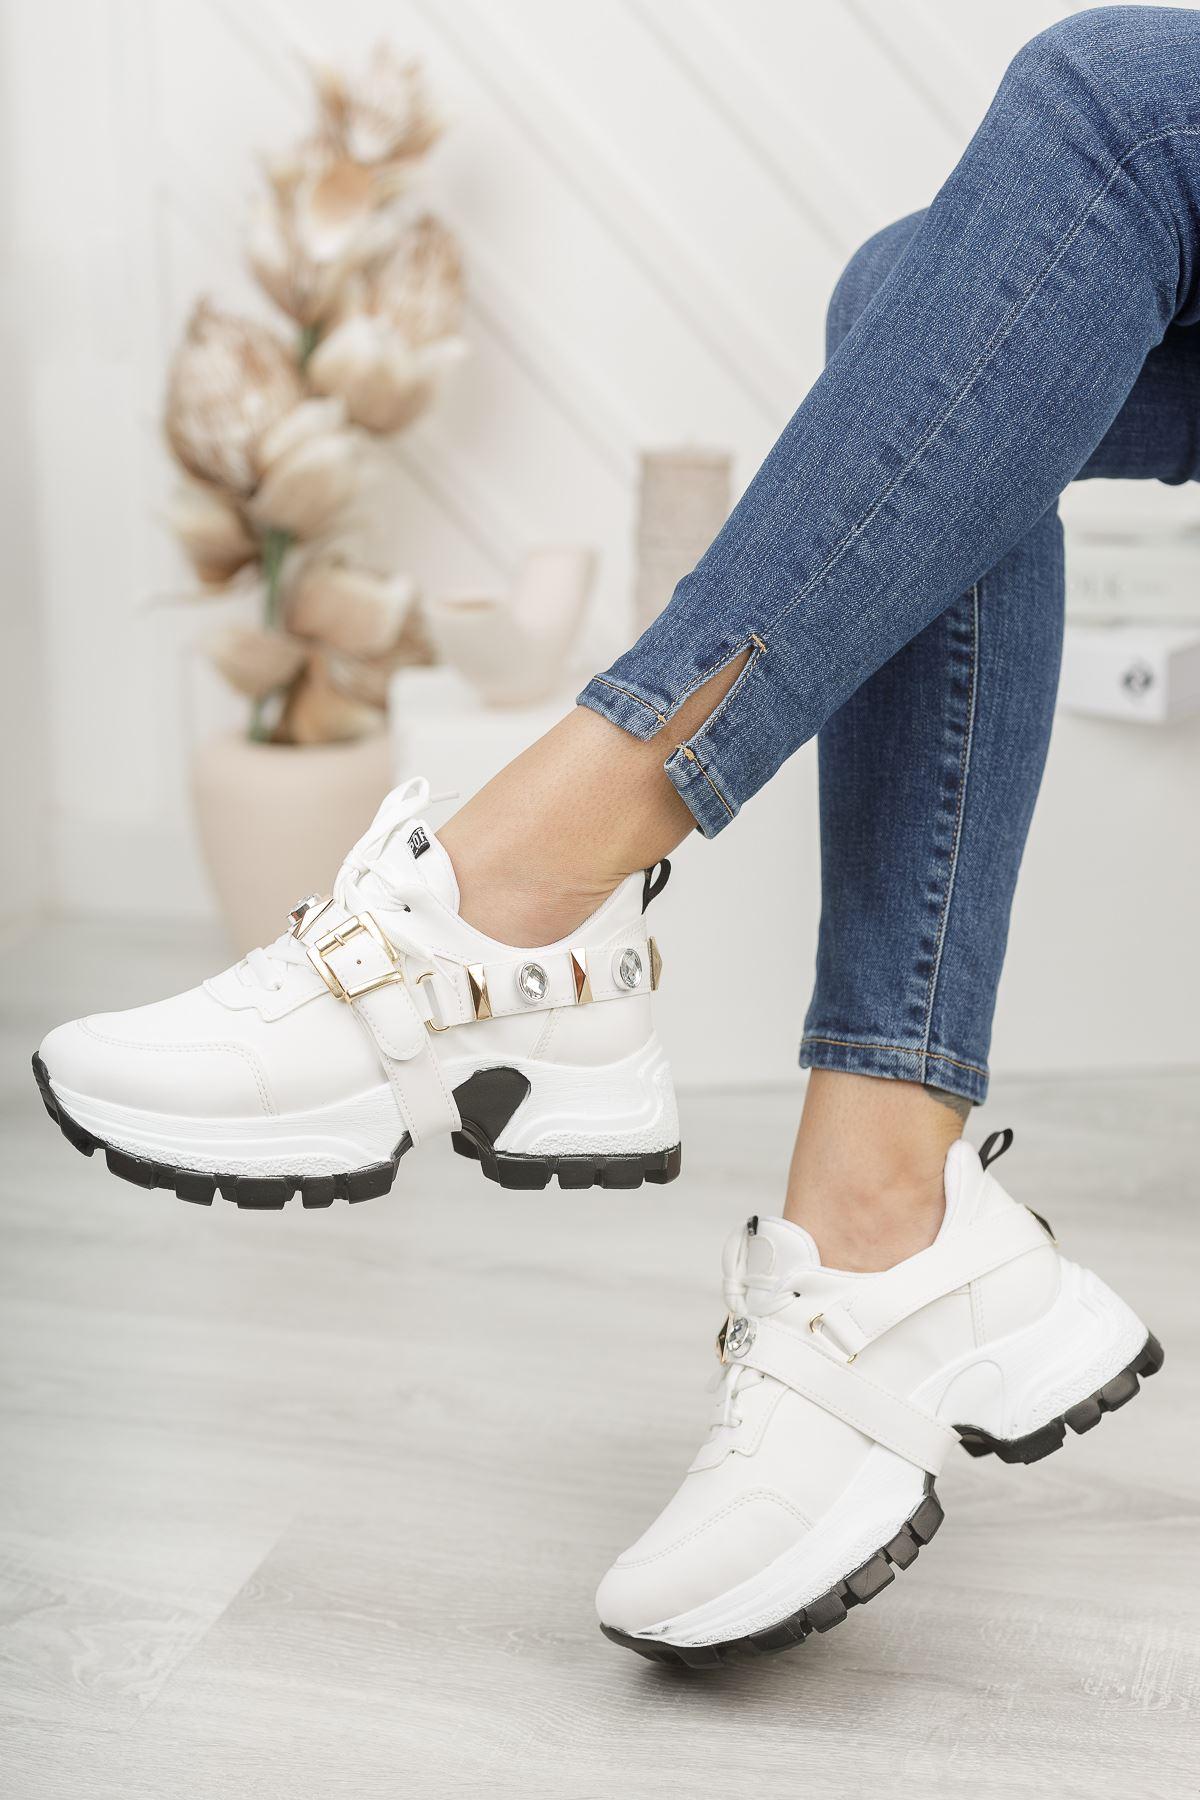 Wego Beyaz Kadın Spor Ayakkabı